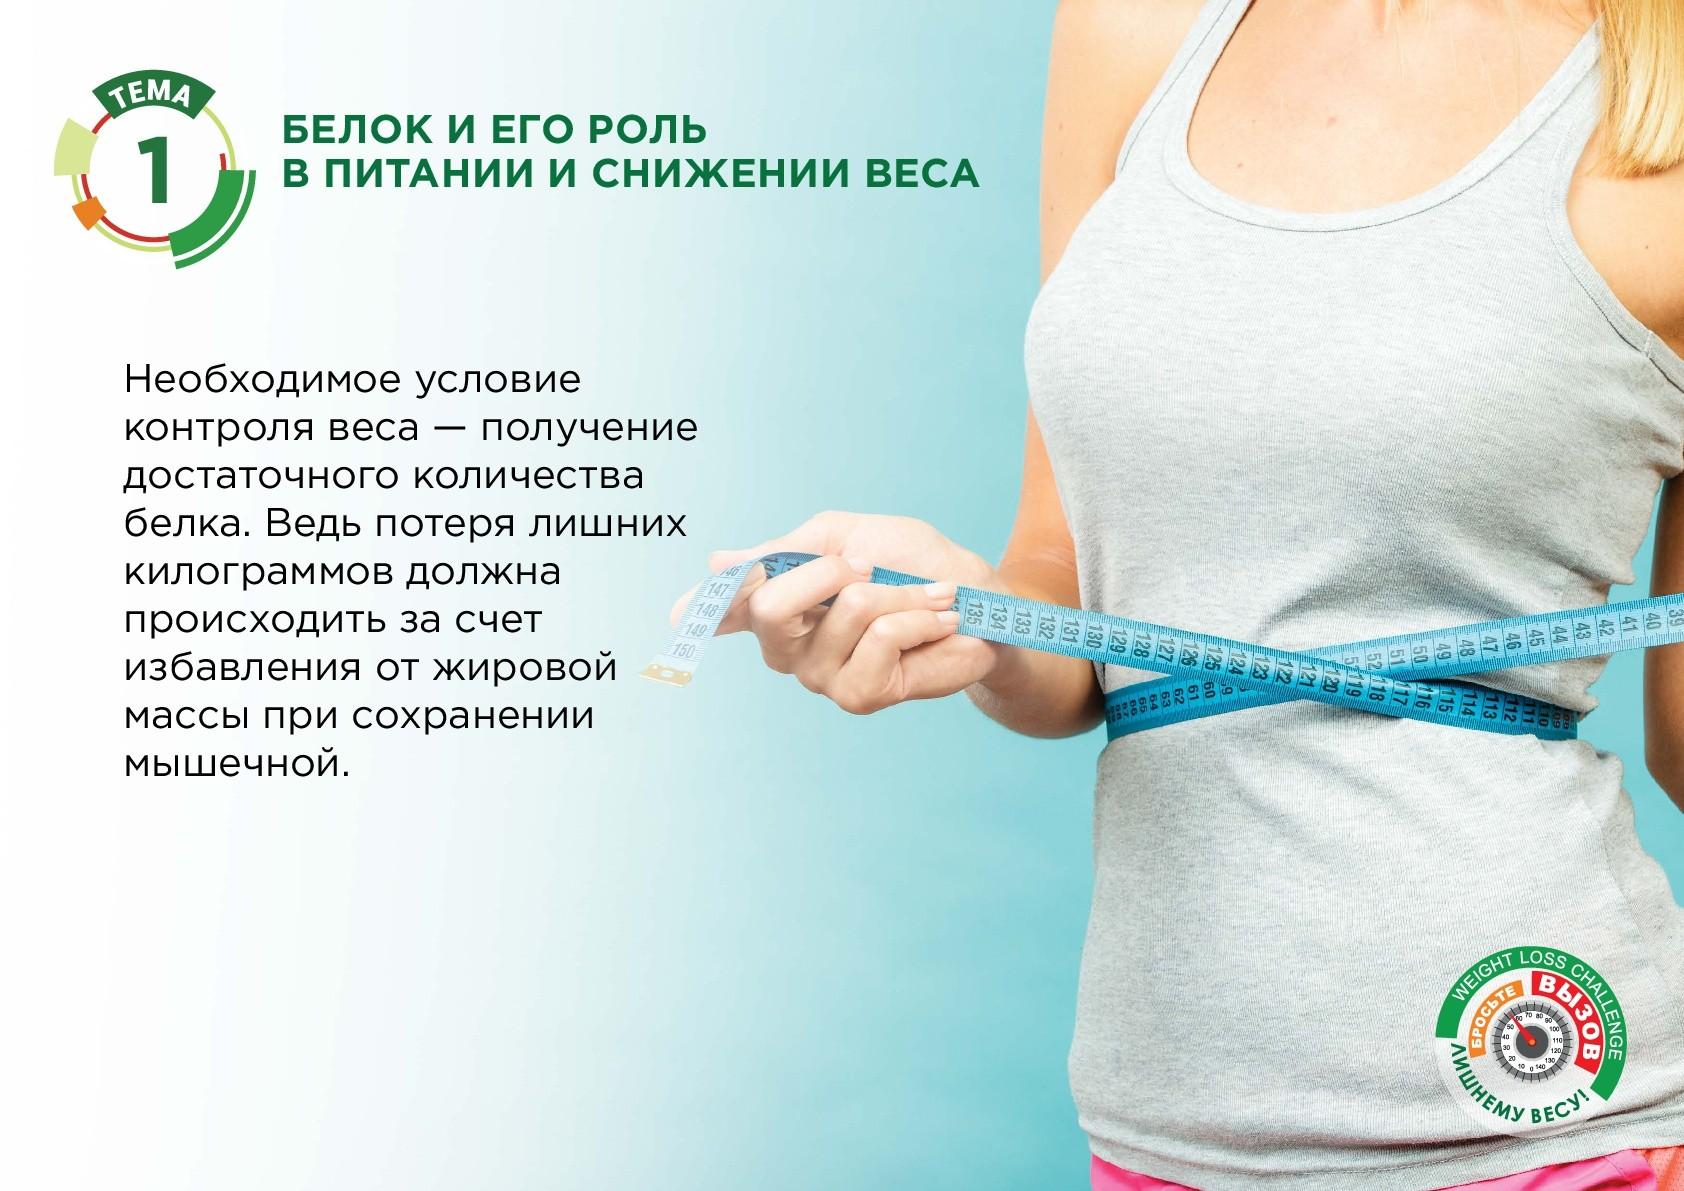 Необходимое условие контроля веса — получение достаточного количества белка